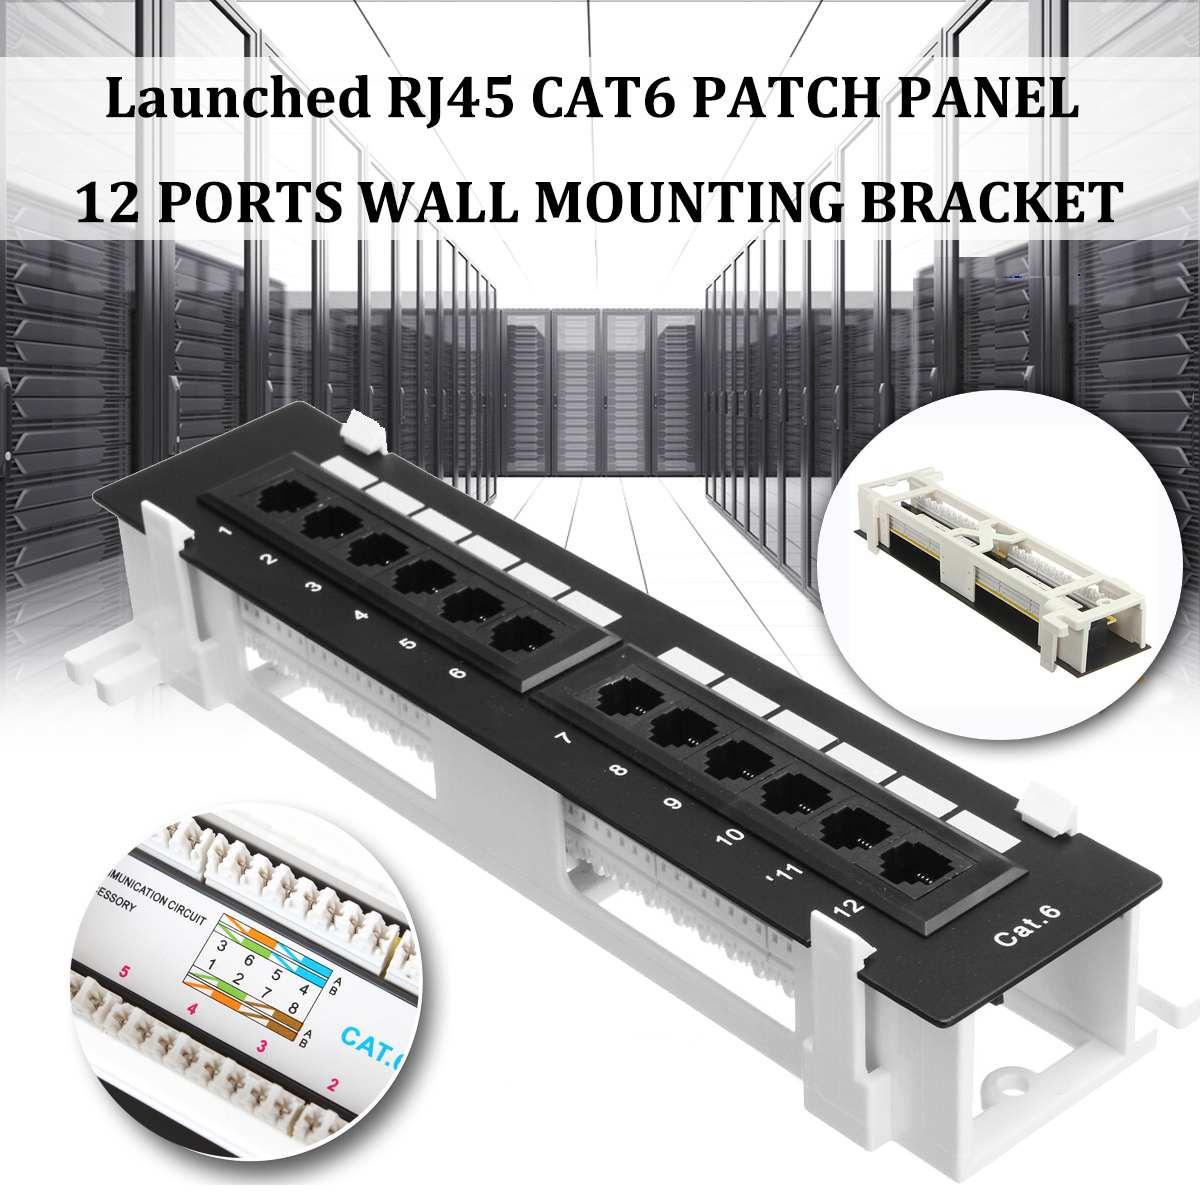 Набор сетевых инструментов с 12 портами CAT6, коммутационная панель RJ45, сетевая настенная стойка с поверхностным настенным креплением